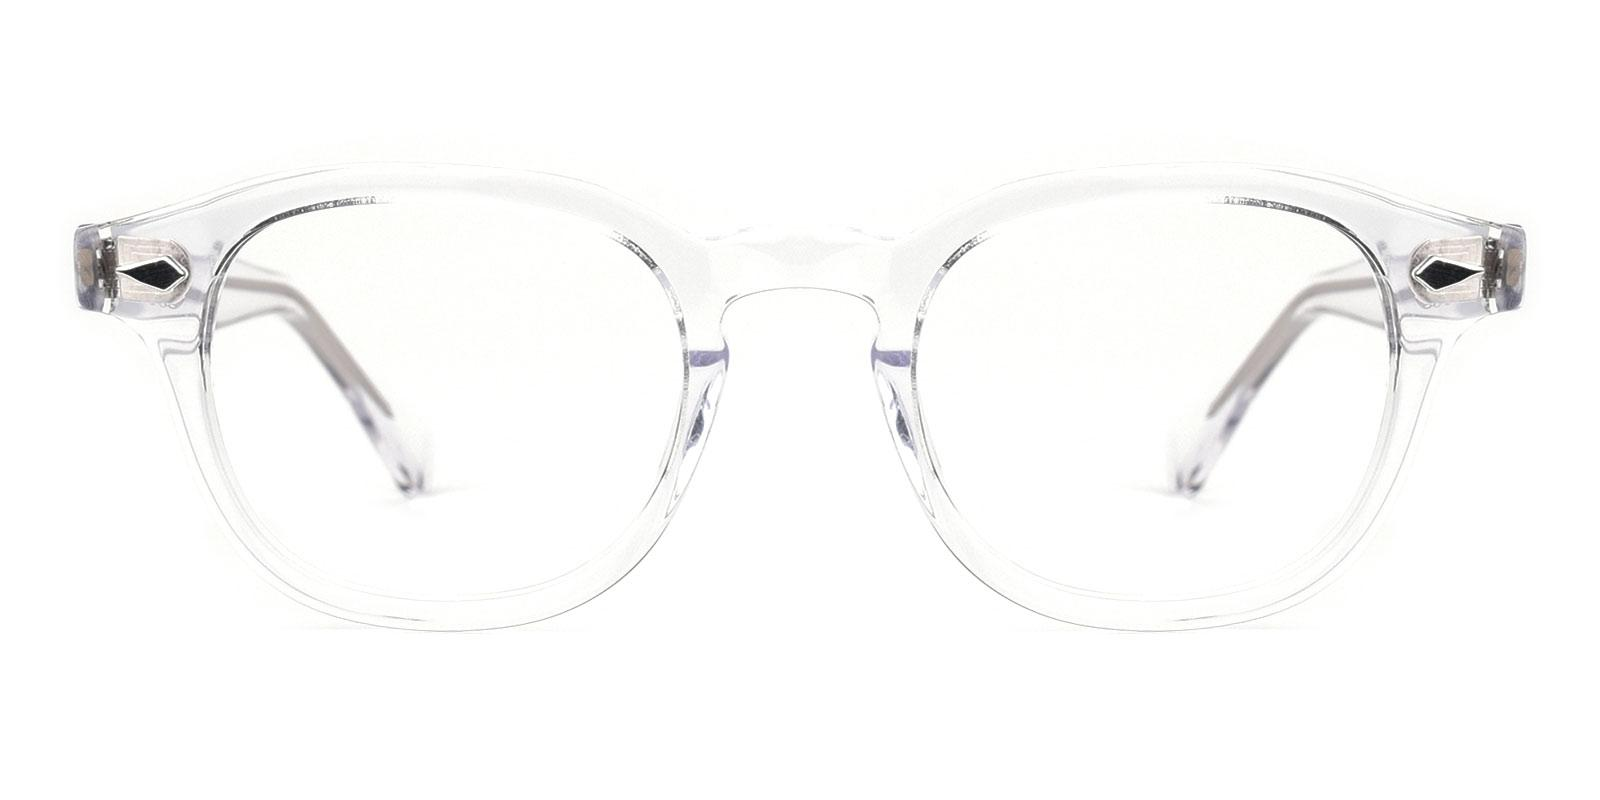 Godfather-Translucent-Rectangle-TR-Eyeglasses-detail